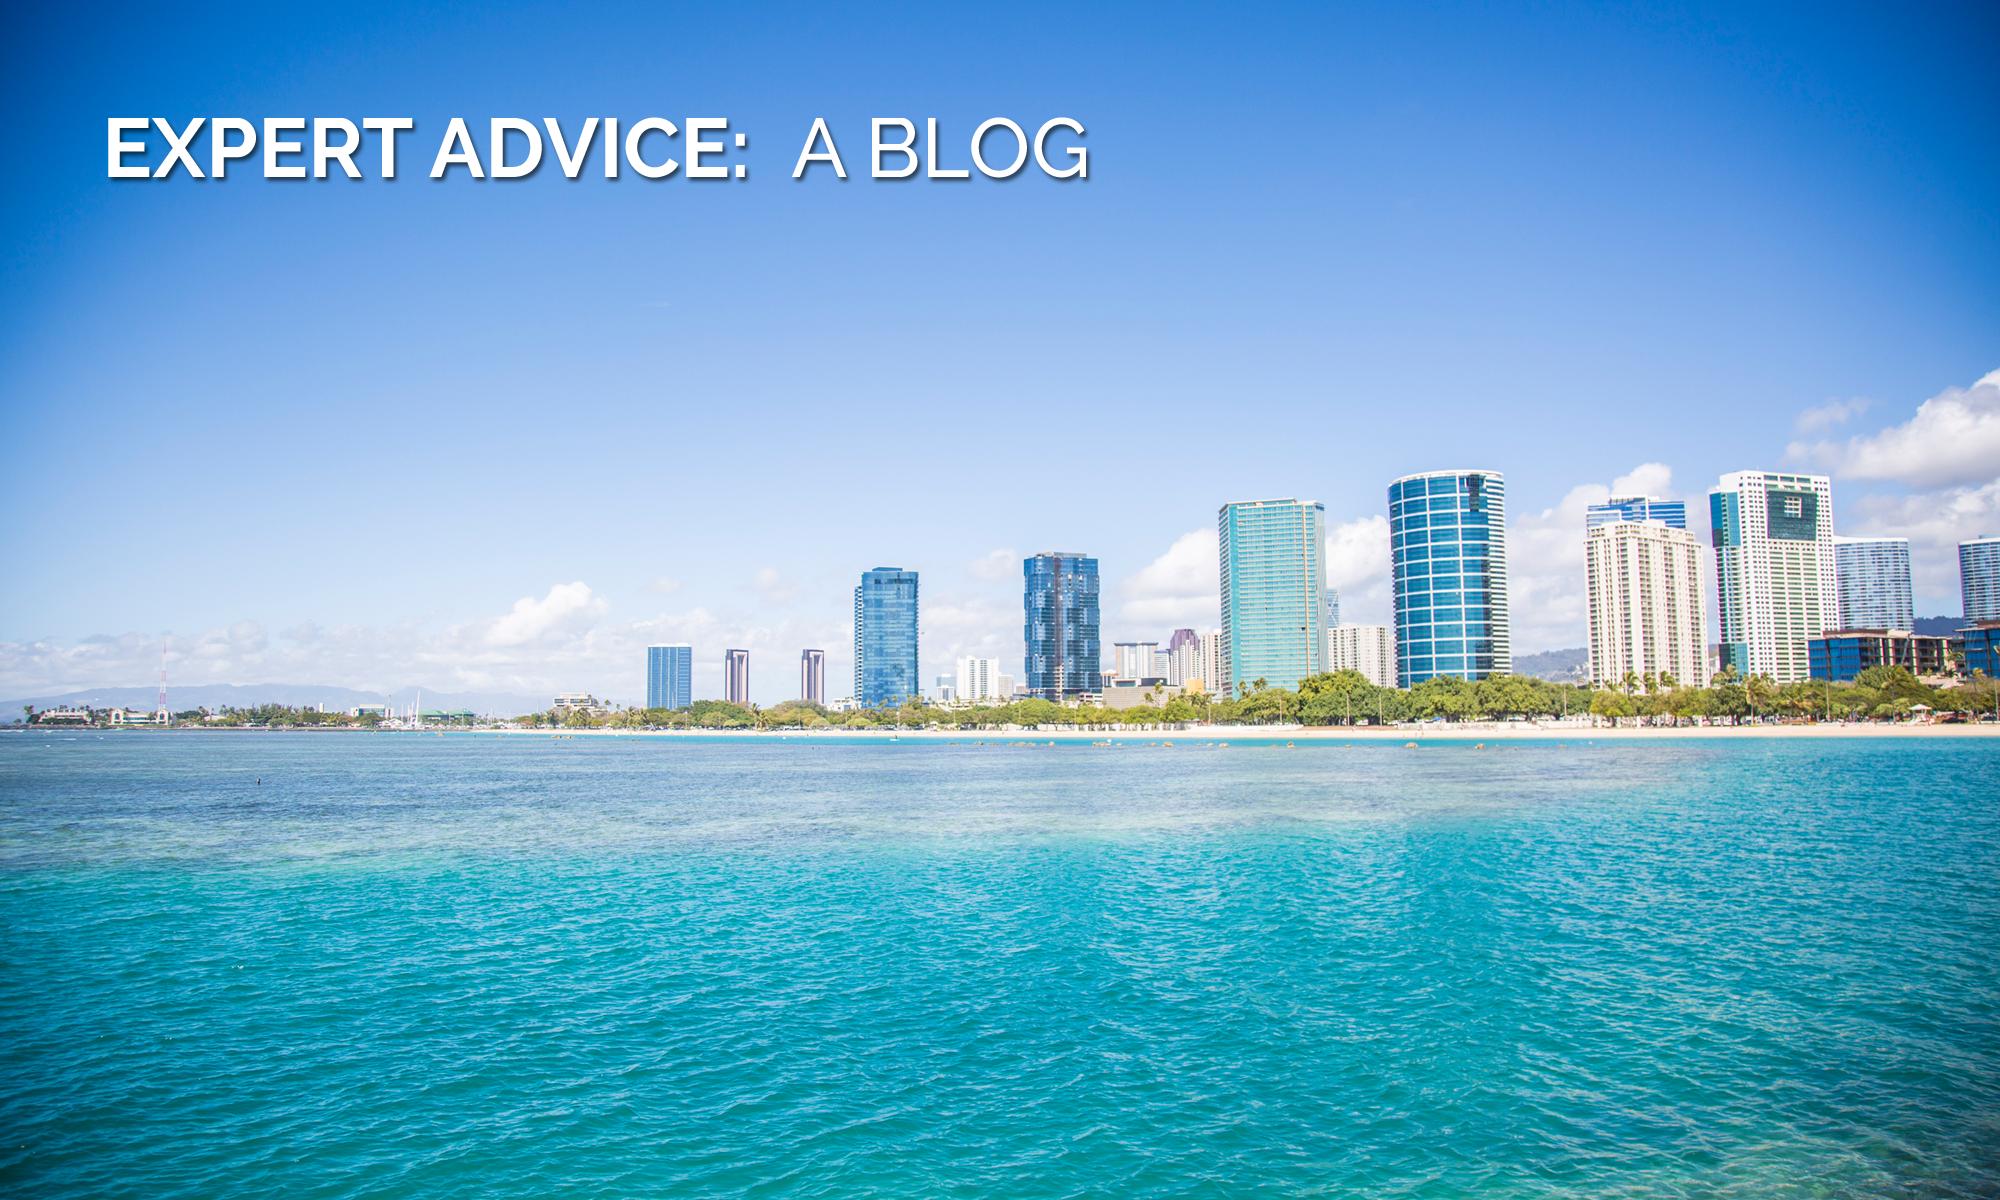 Expert Advice: A Blog